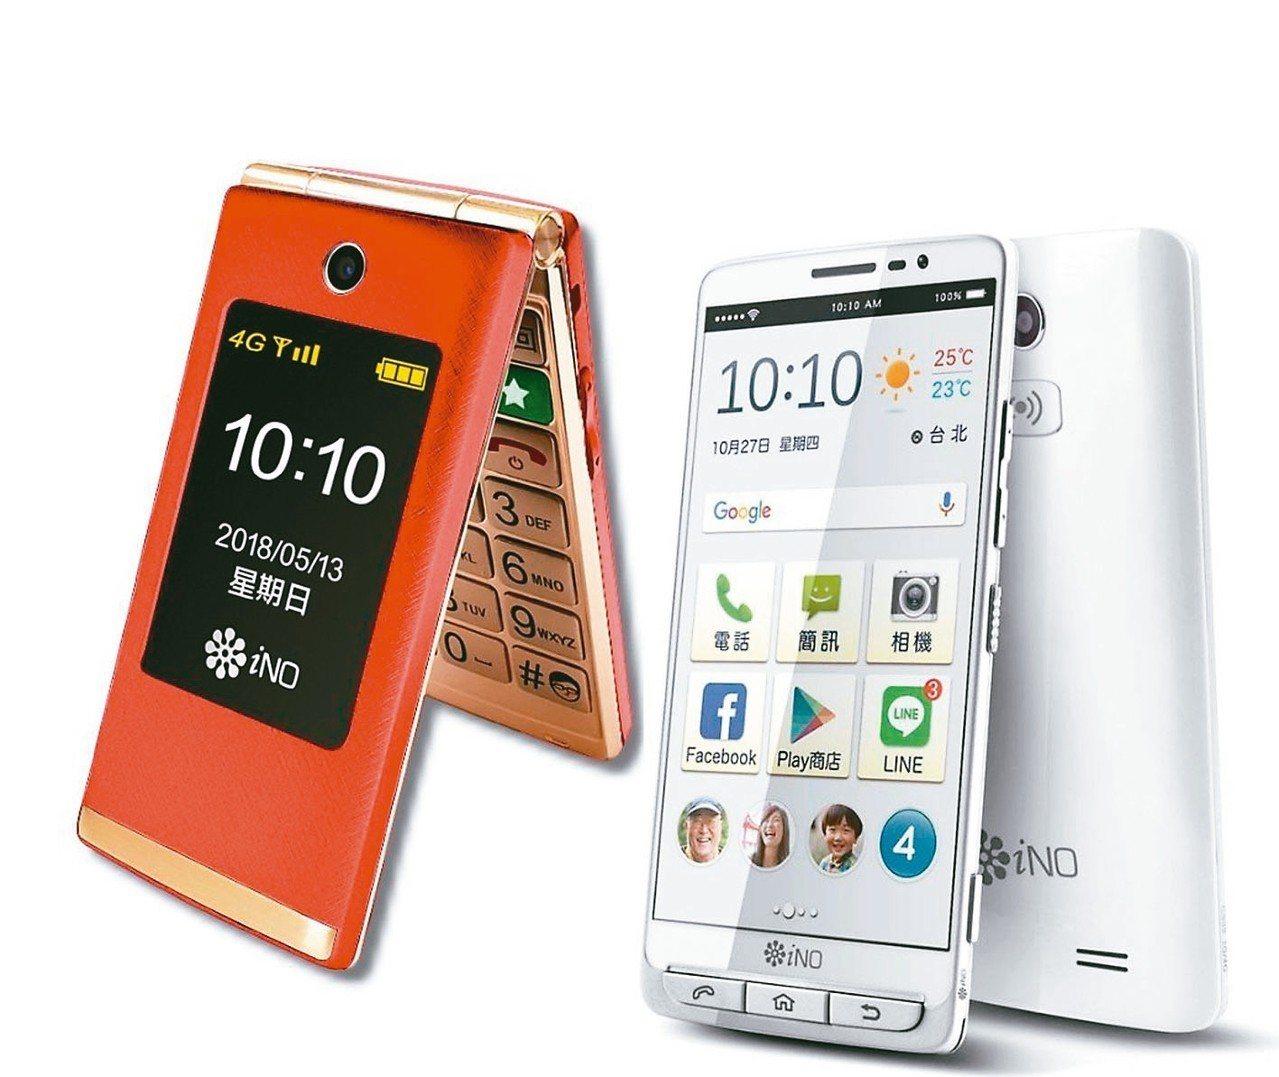 iNO摺疊智慧手機。 圖/合晶公司提供